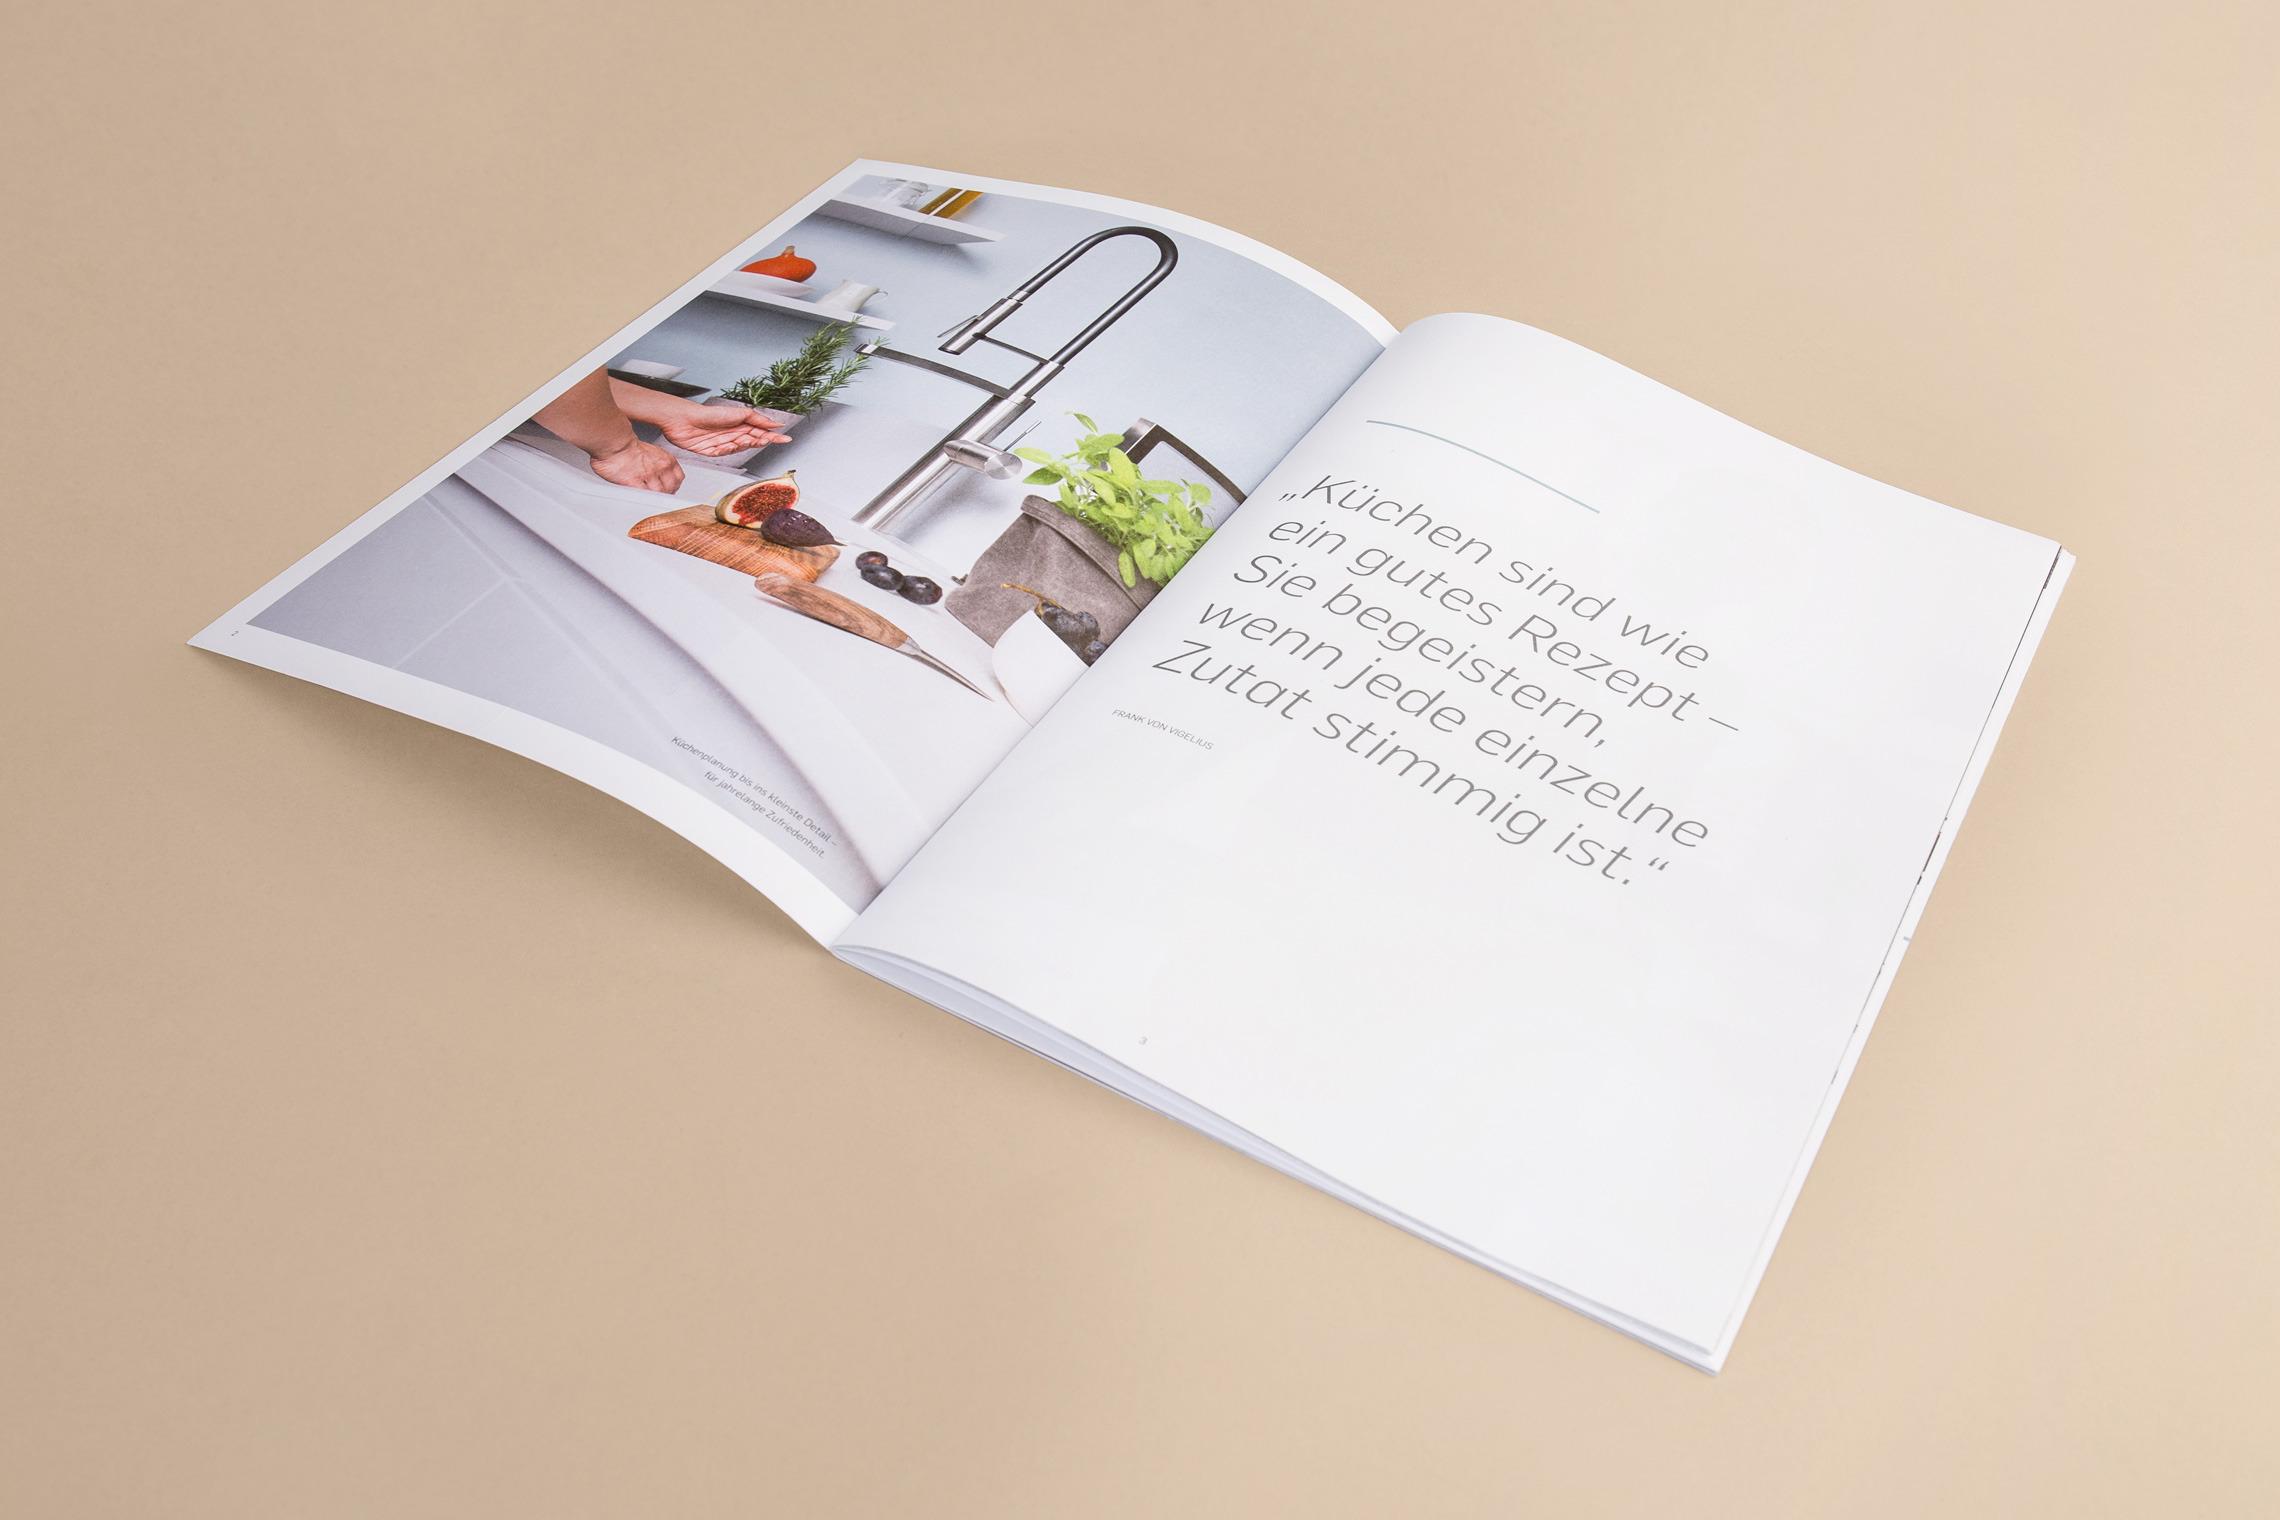 Der Umgang mit Typografie und Schrift wird im individuellen Gestaltungskonzept entwickelt und festgelegt.